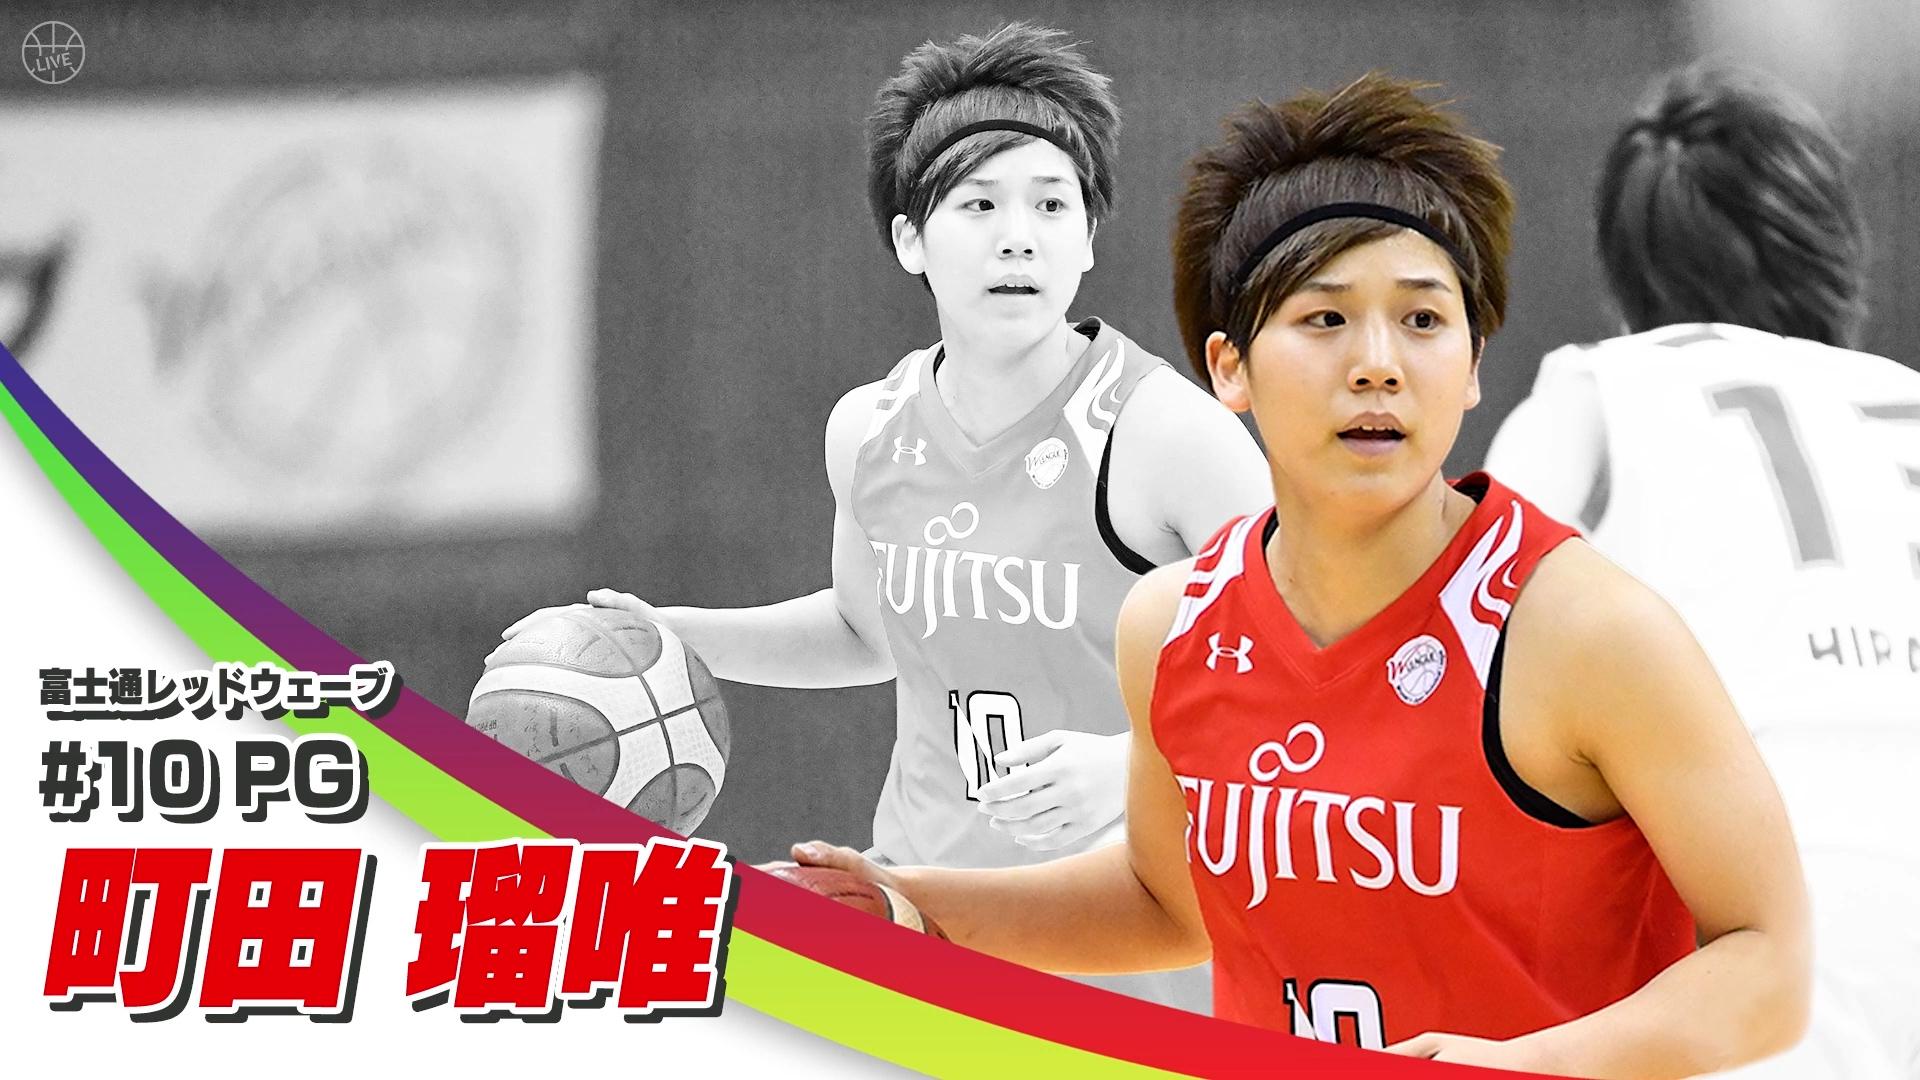 【女子バスケ】Wリーグ開幕!注目選手!町田瑠唯(富士通レッドウェーブ)